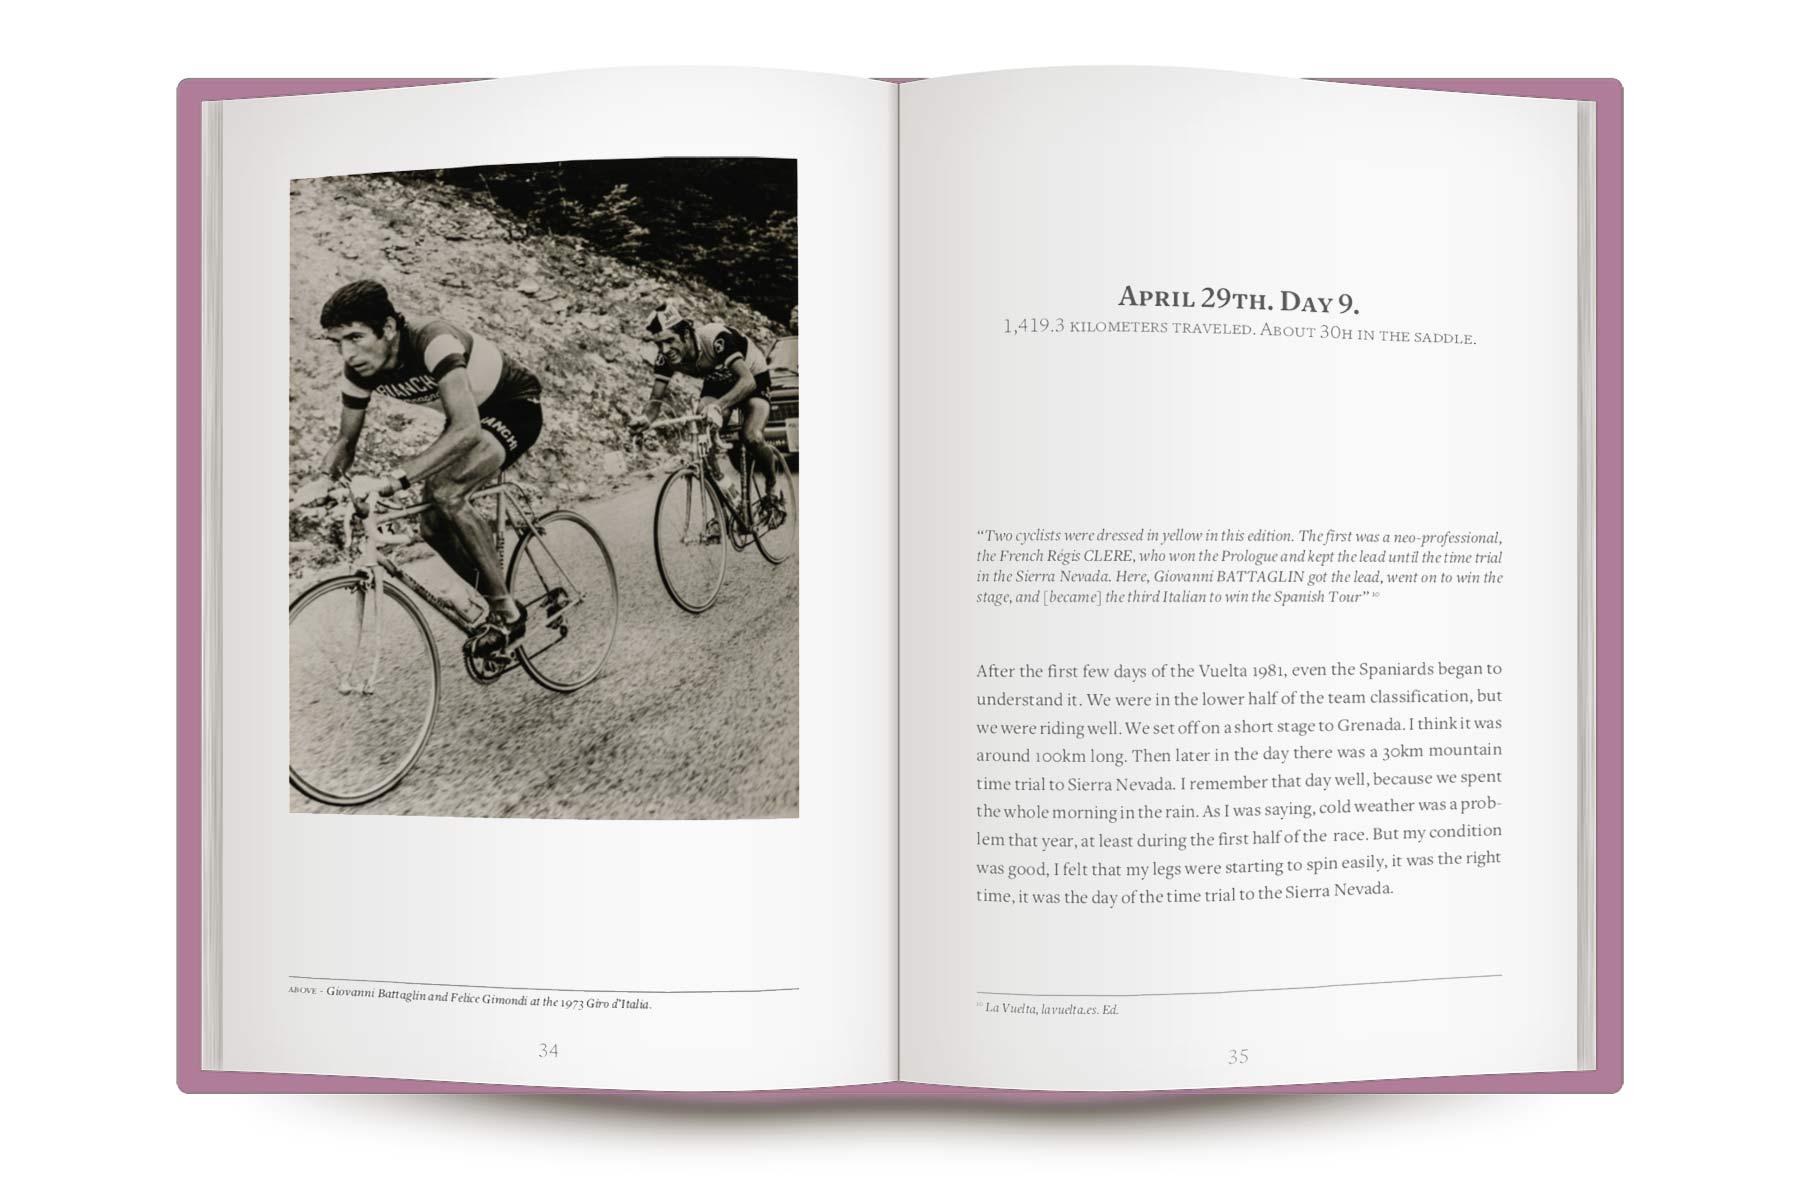 48-Days-racing-memoir-of-Giovanni-Battaglin-special-Edizione-Collezionista-limited-Collectors-Edition-Battaglin-signed-memoir-and-replica-1981-Maglia-Rosa_day-9.jpg